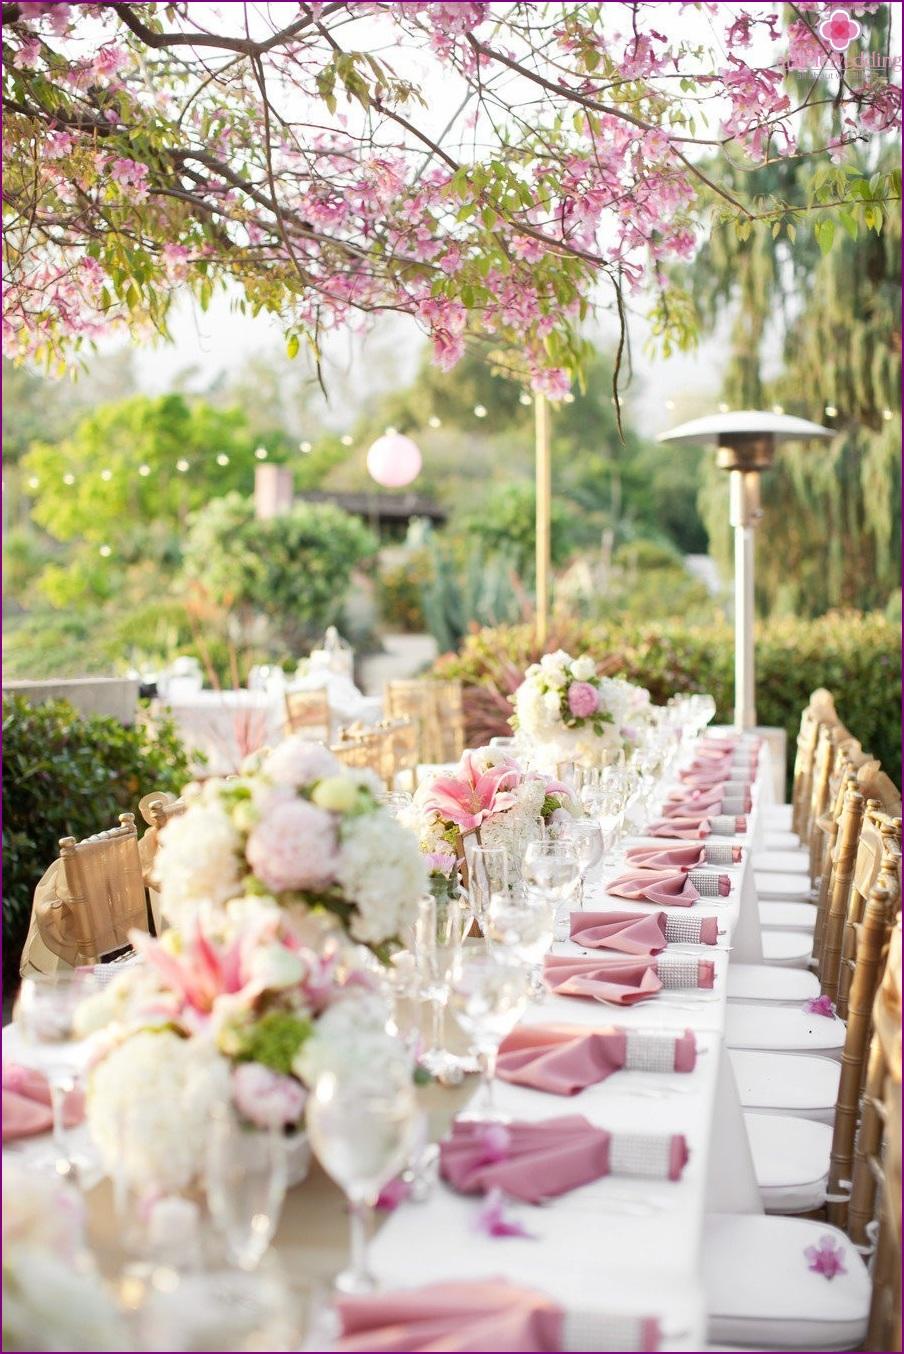 Outdoor banquet